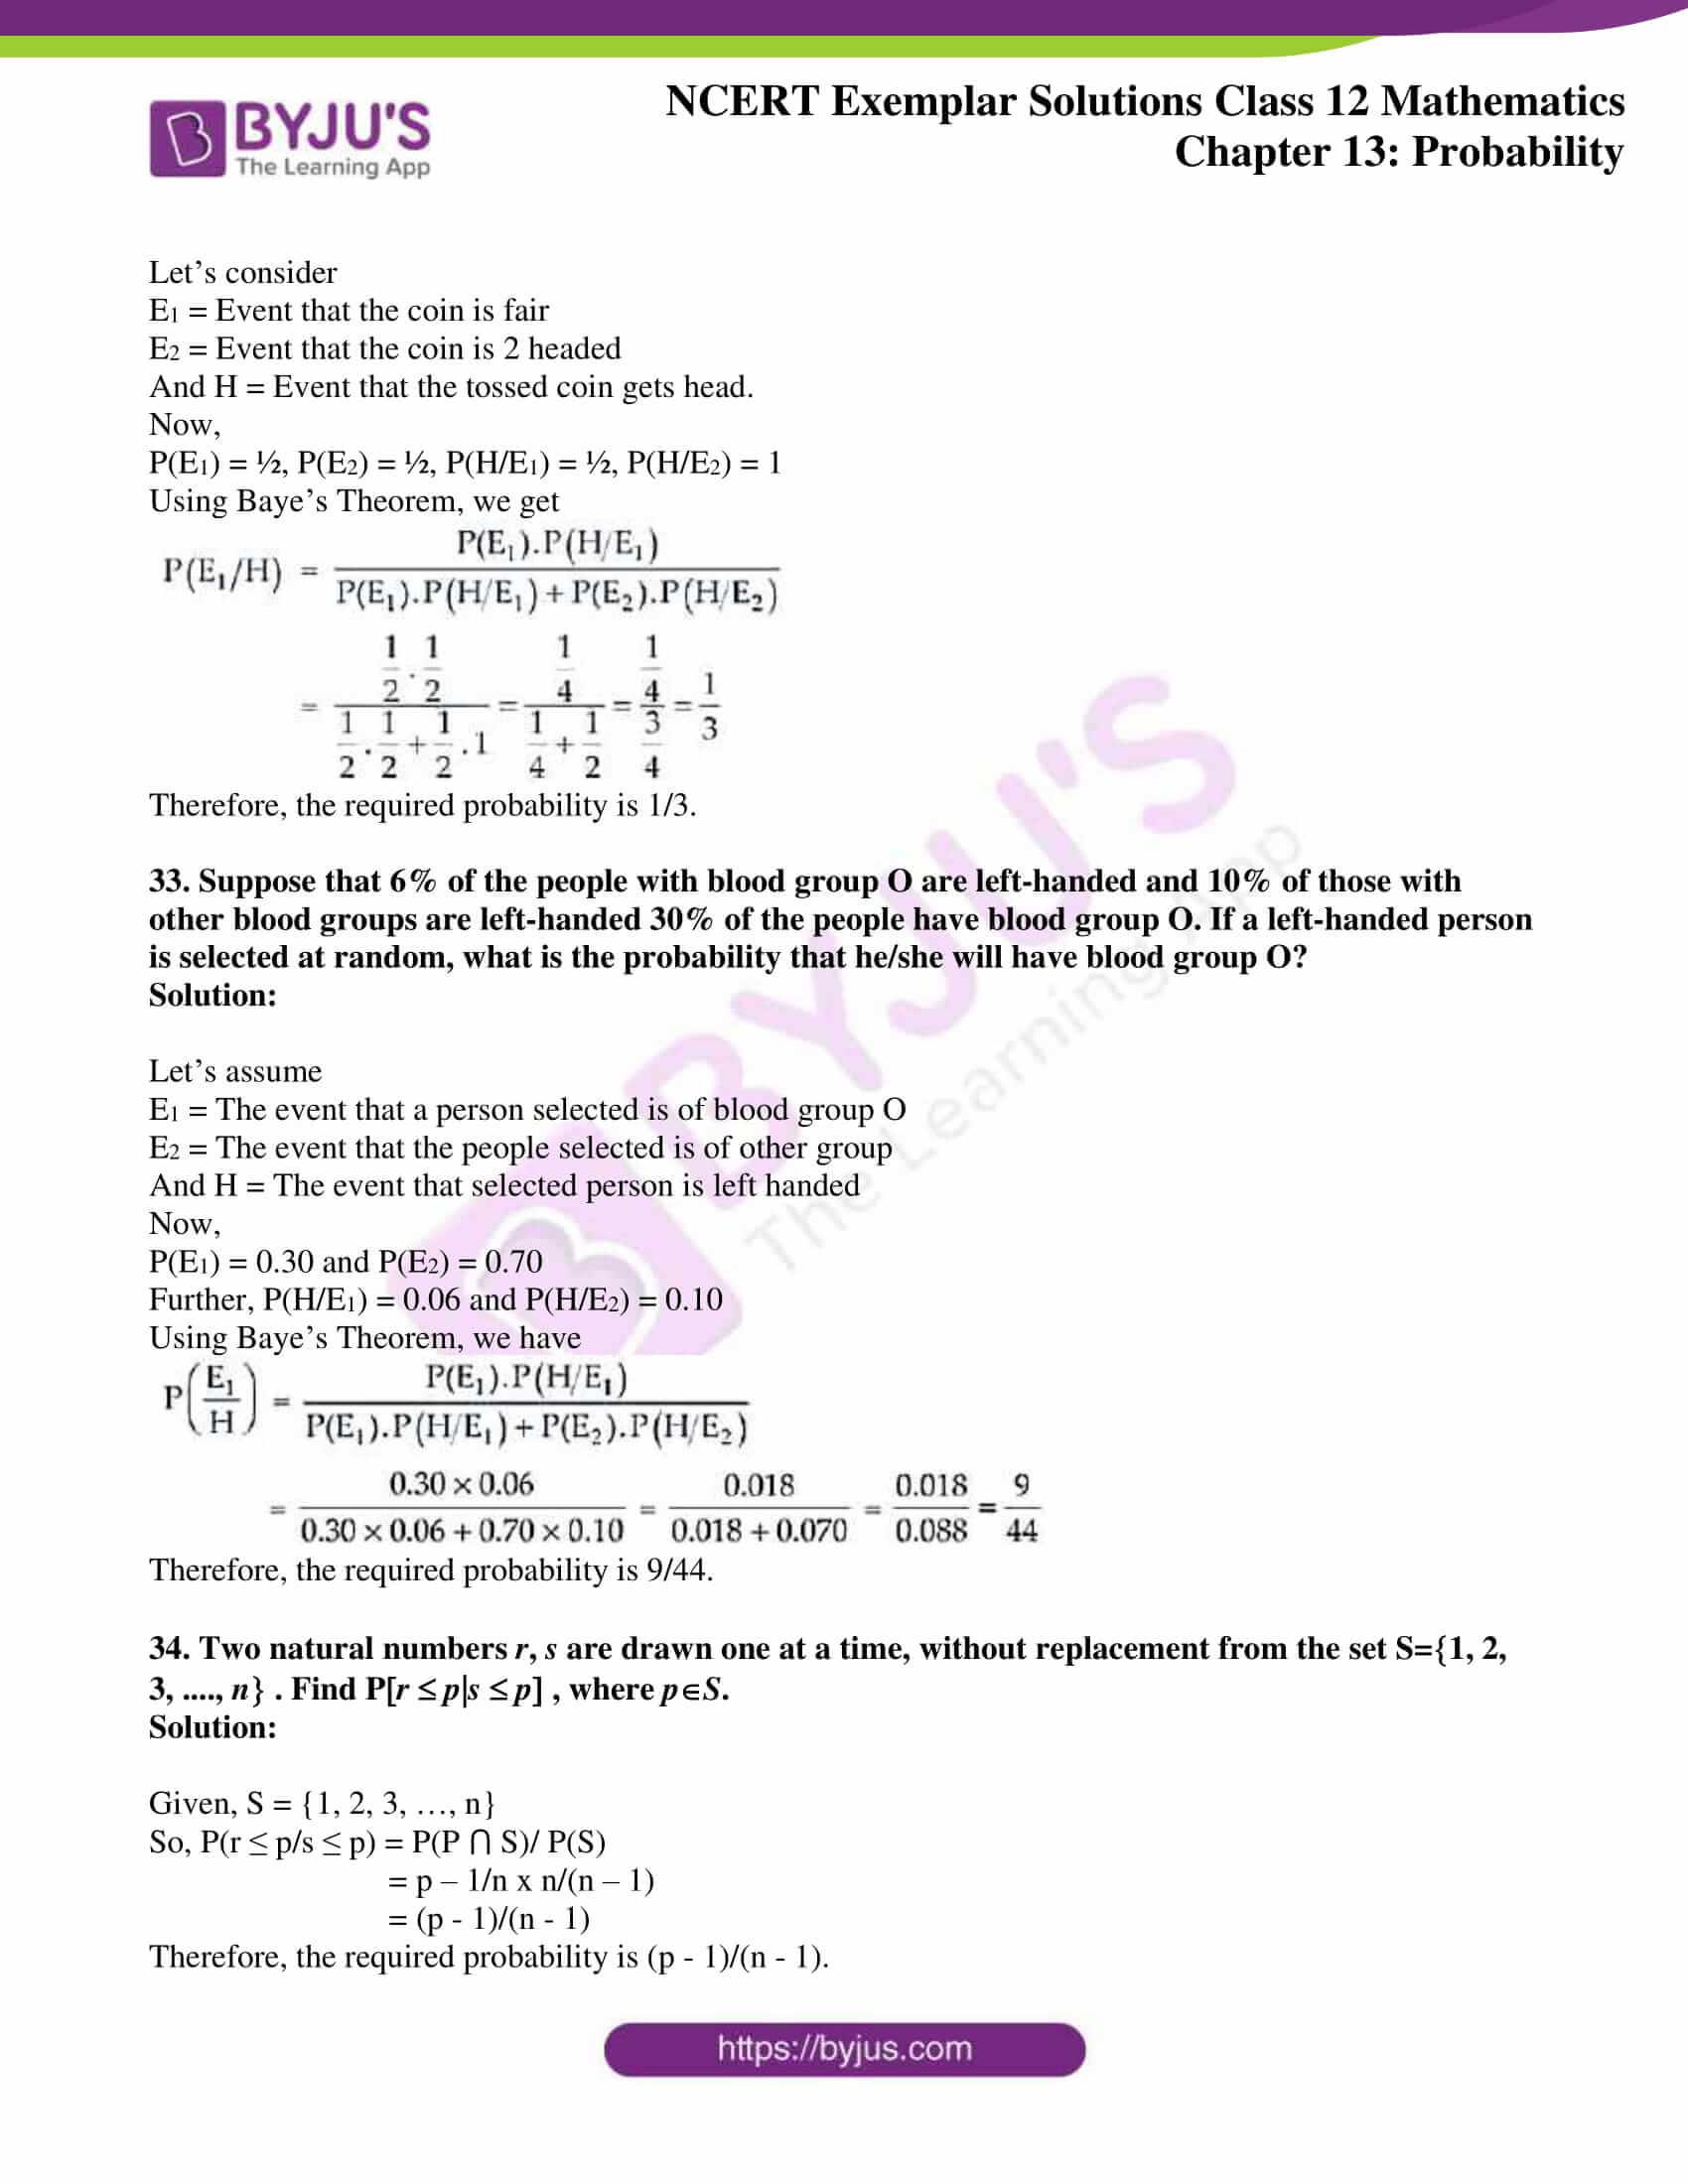 ncert exemplar sol class 12 mathematics chapter 13 14